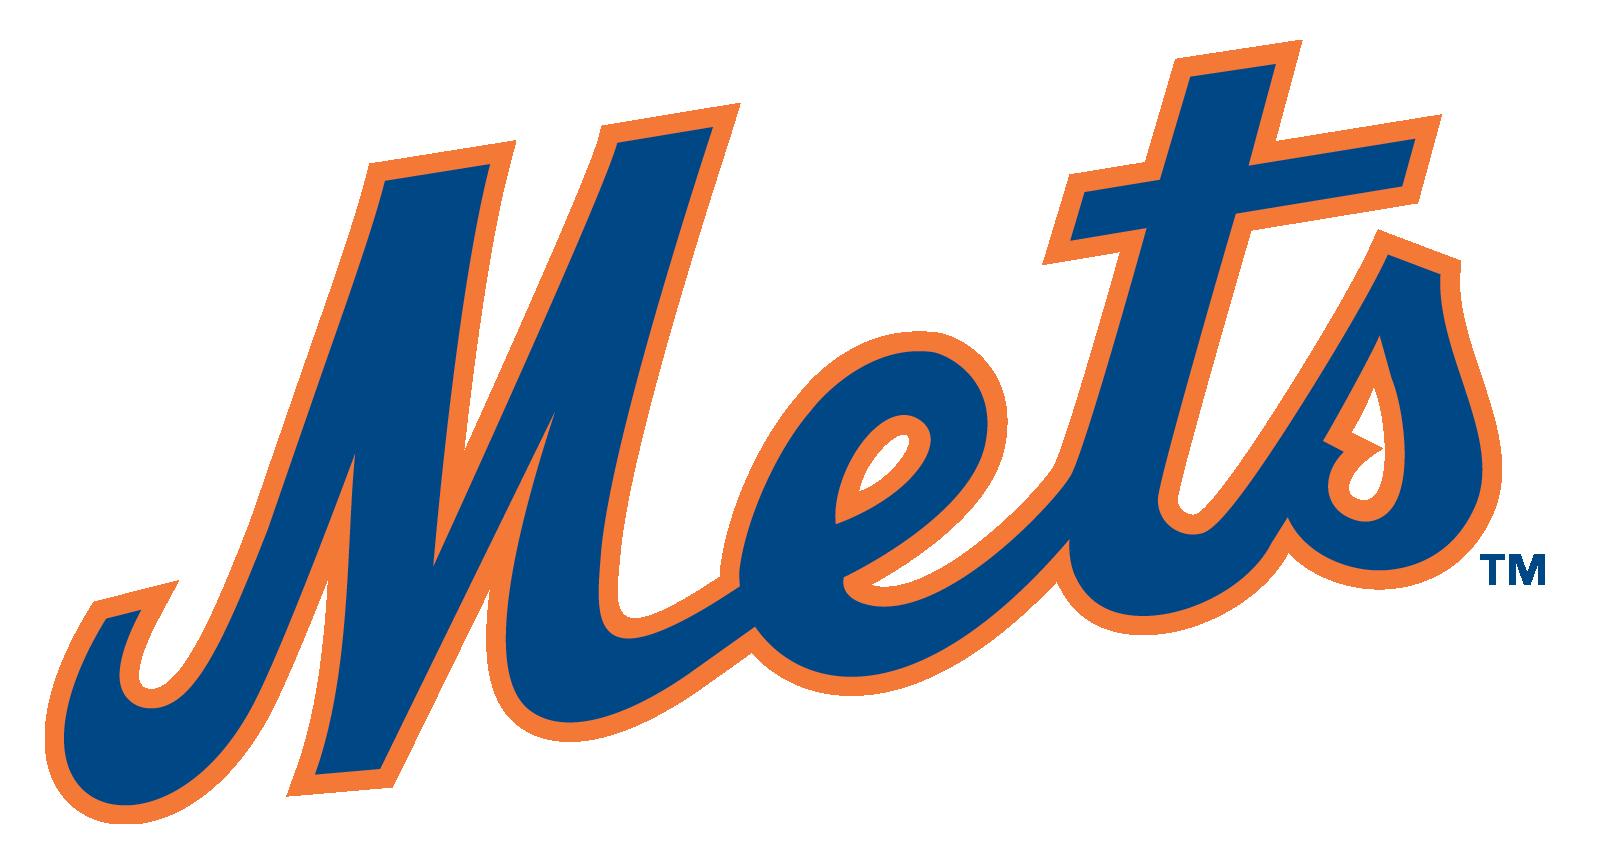 New York Mets.